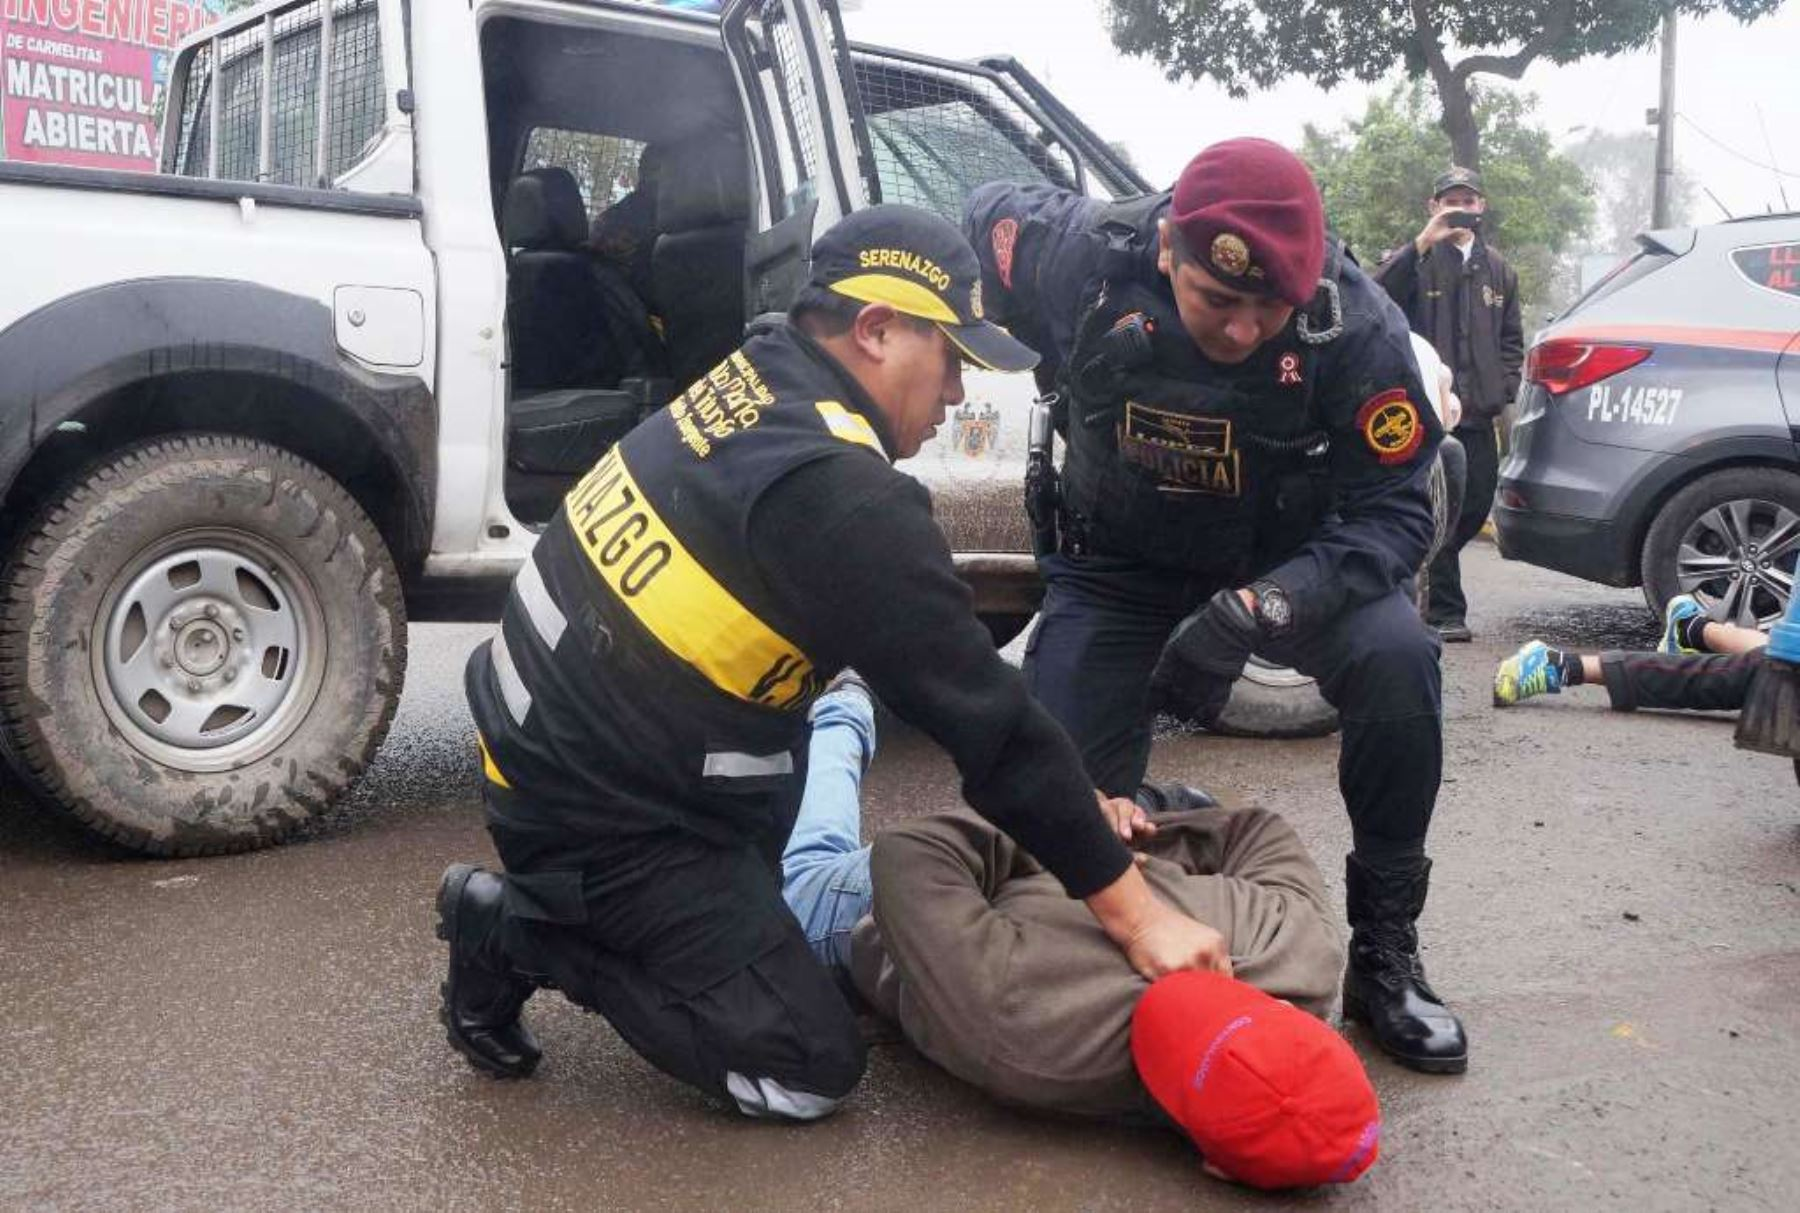 Informe de Seguridad Ciudadana: 9 de cada 10 personas temen ser víctimas de la delincuencia en los próximos doce meses